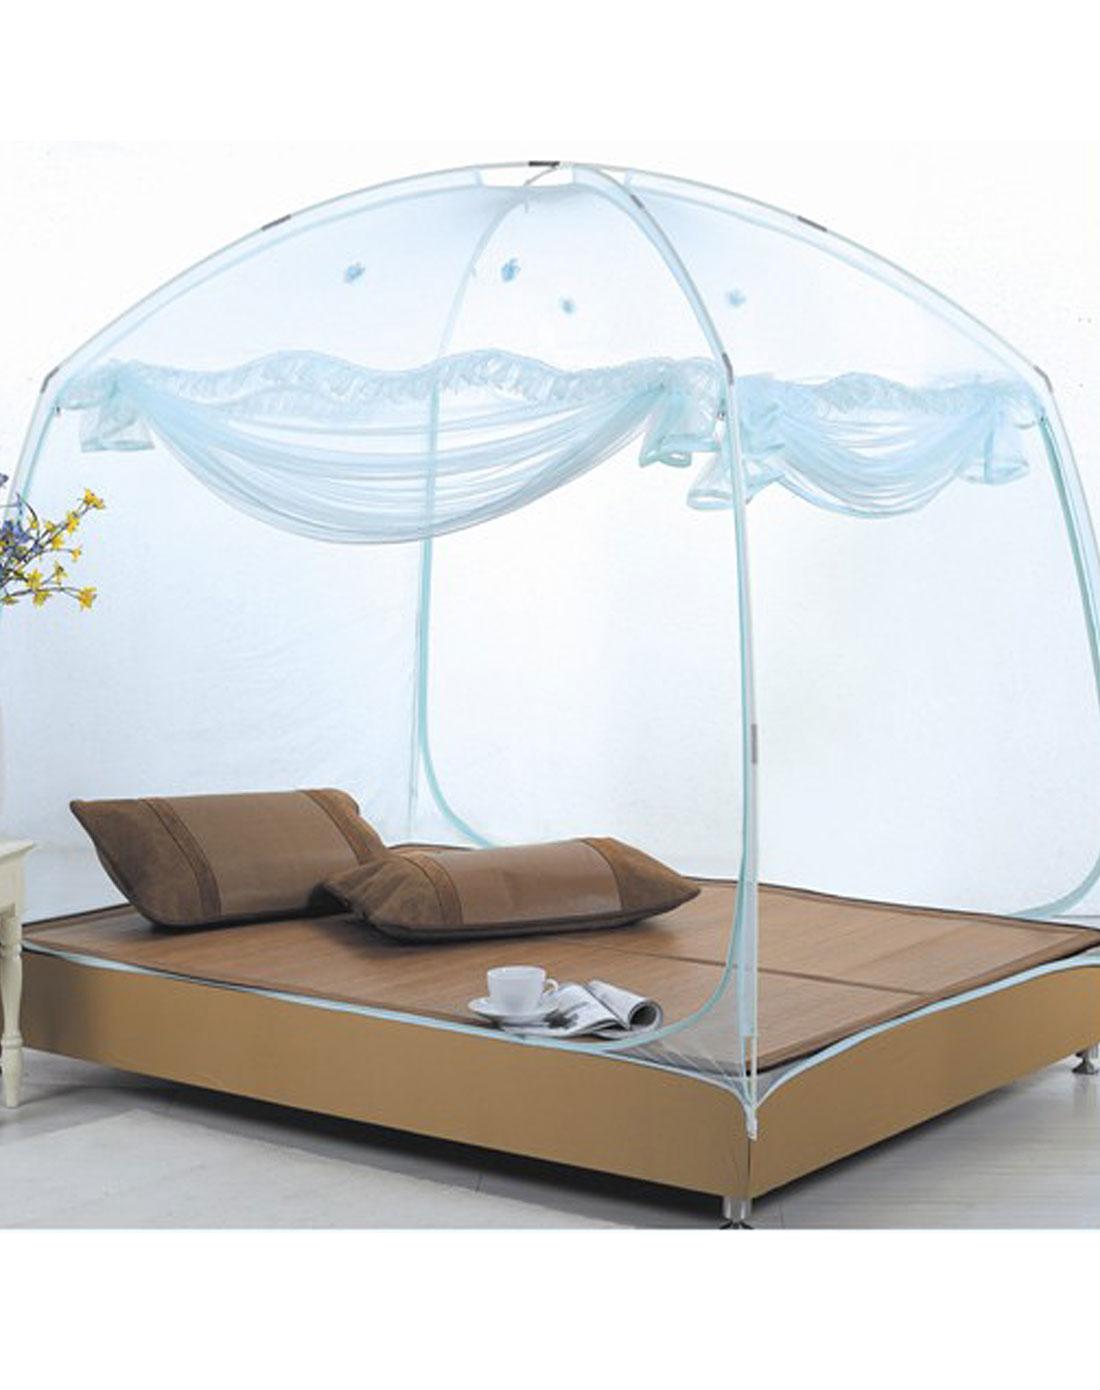 蚊帐安装方法与技巧